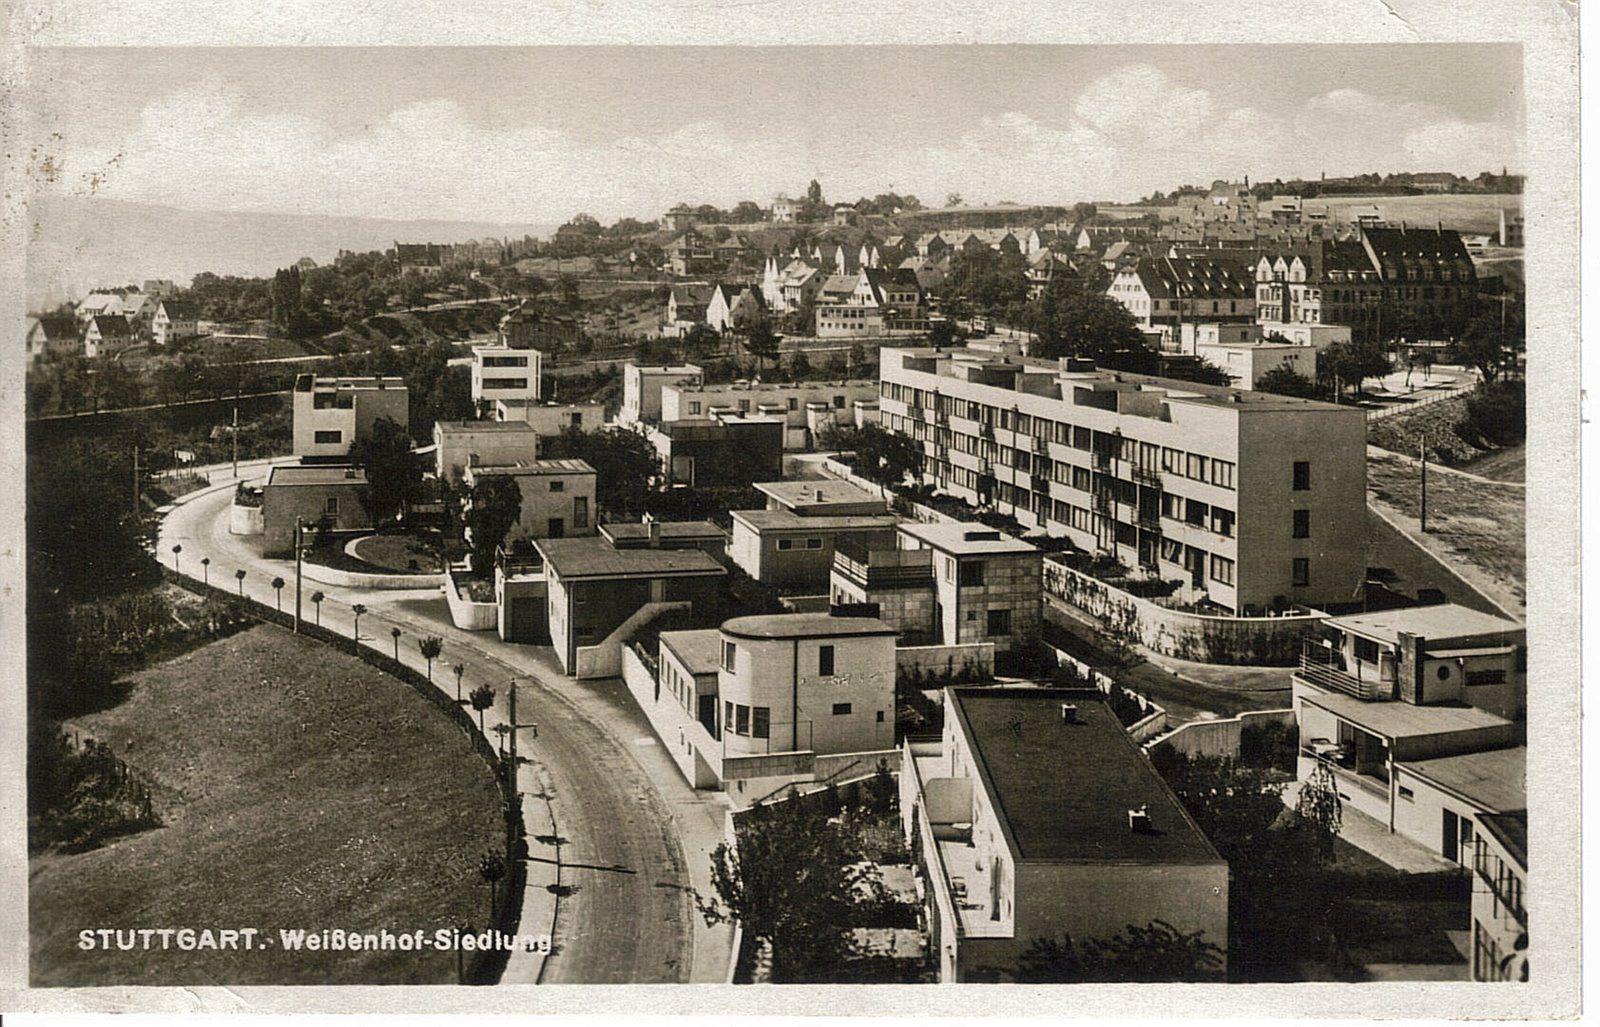 Weissenhofsiedlung werkbund exhibition stuttgart 1927 for Stuttgart architecture